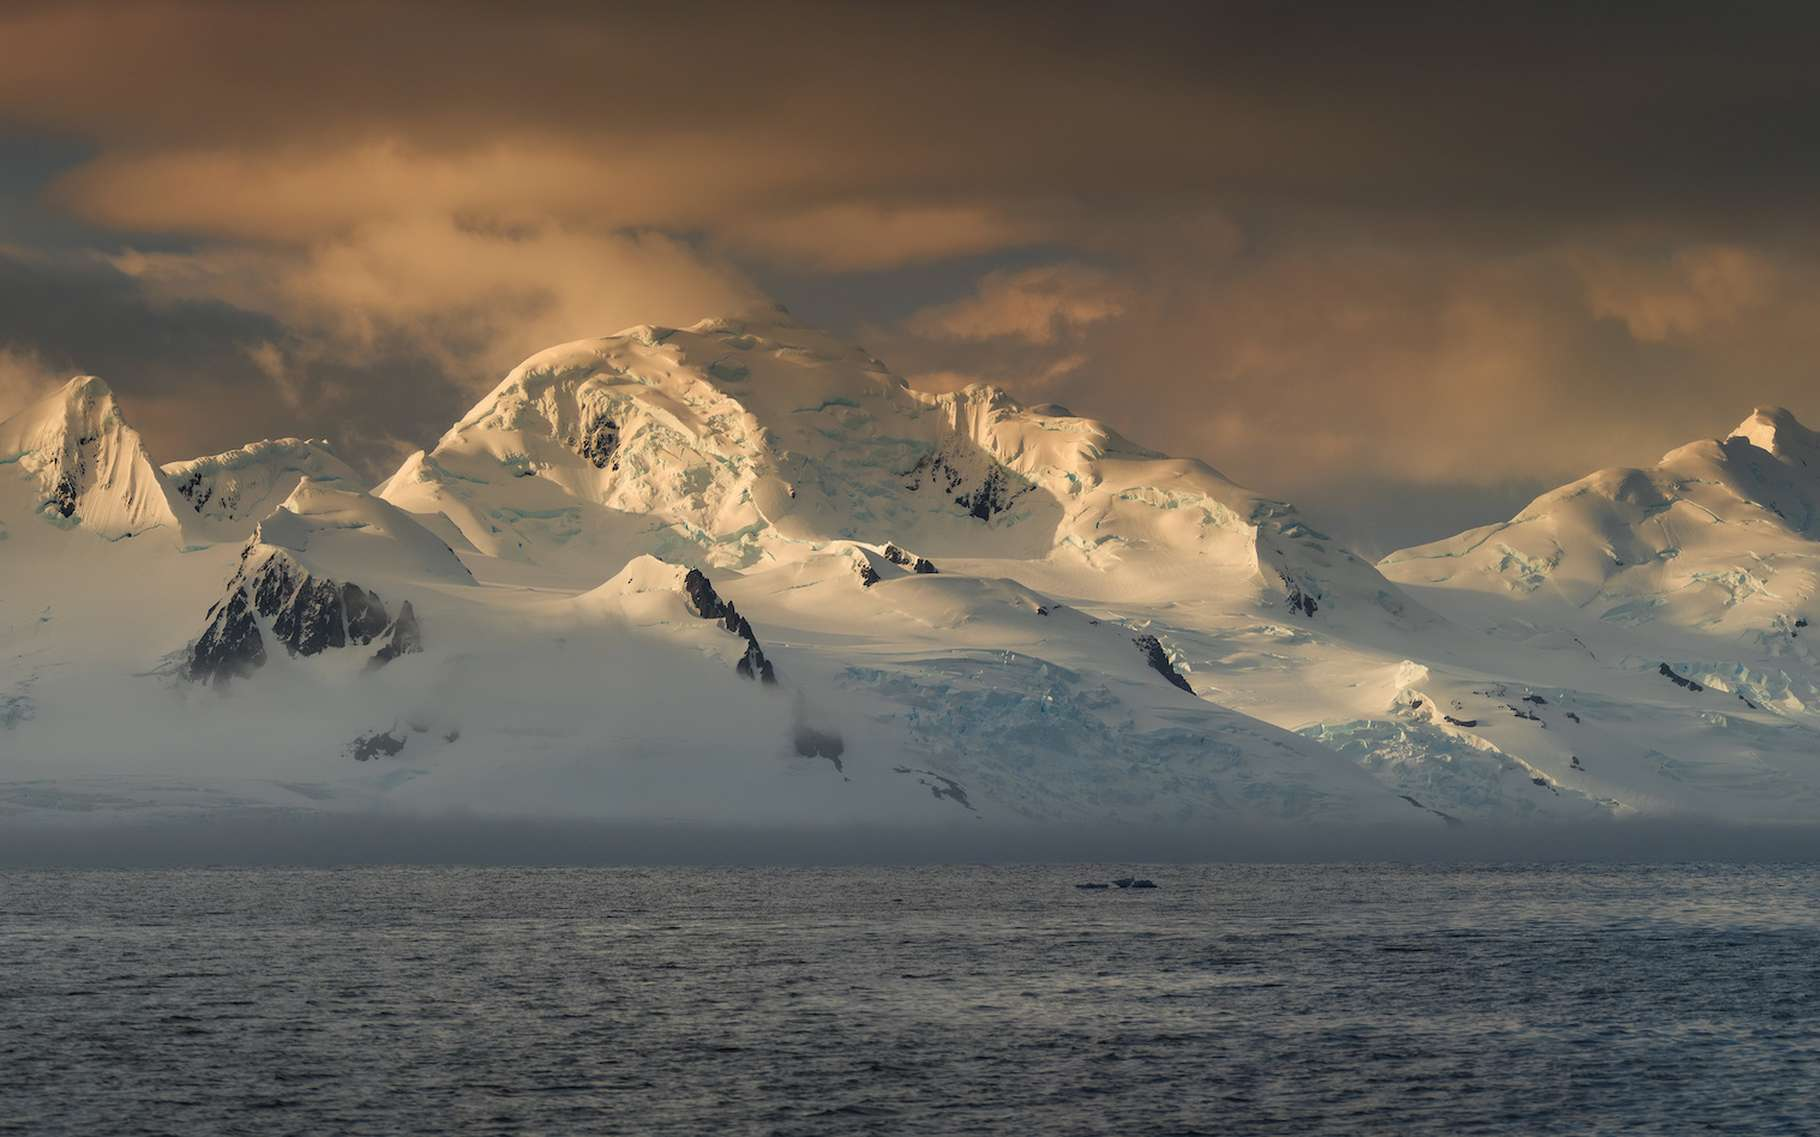 Une fonte de l'Antarctique il y a 100.000 ans a provoqué une élévation de 3 m de l'océan